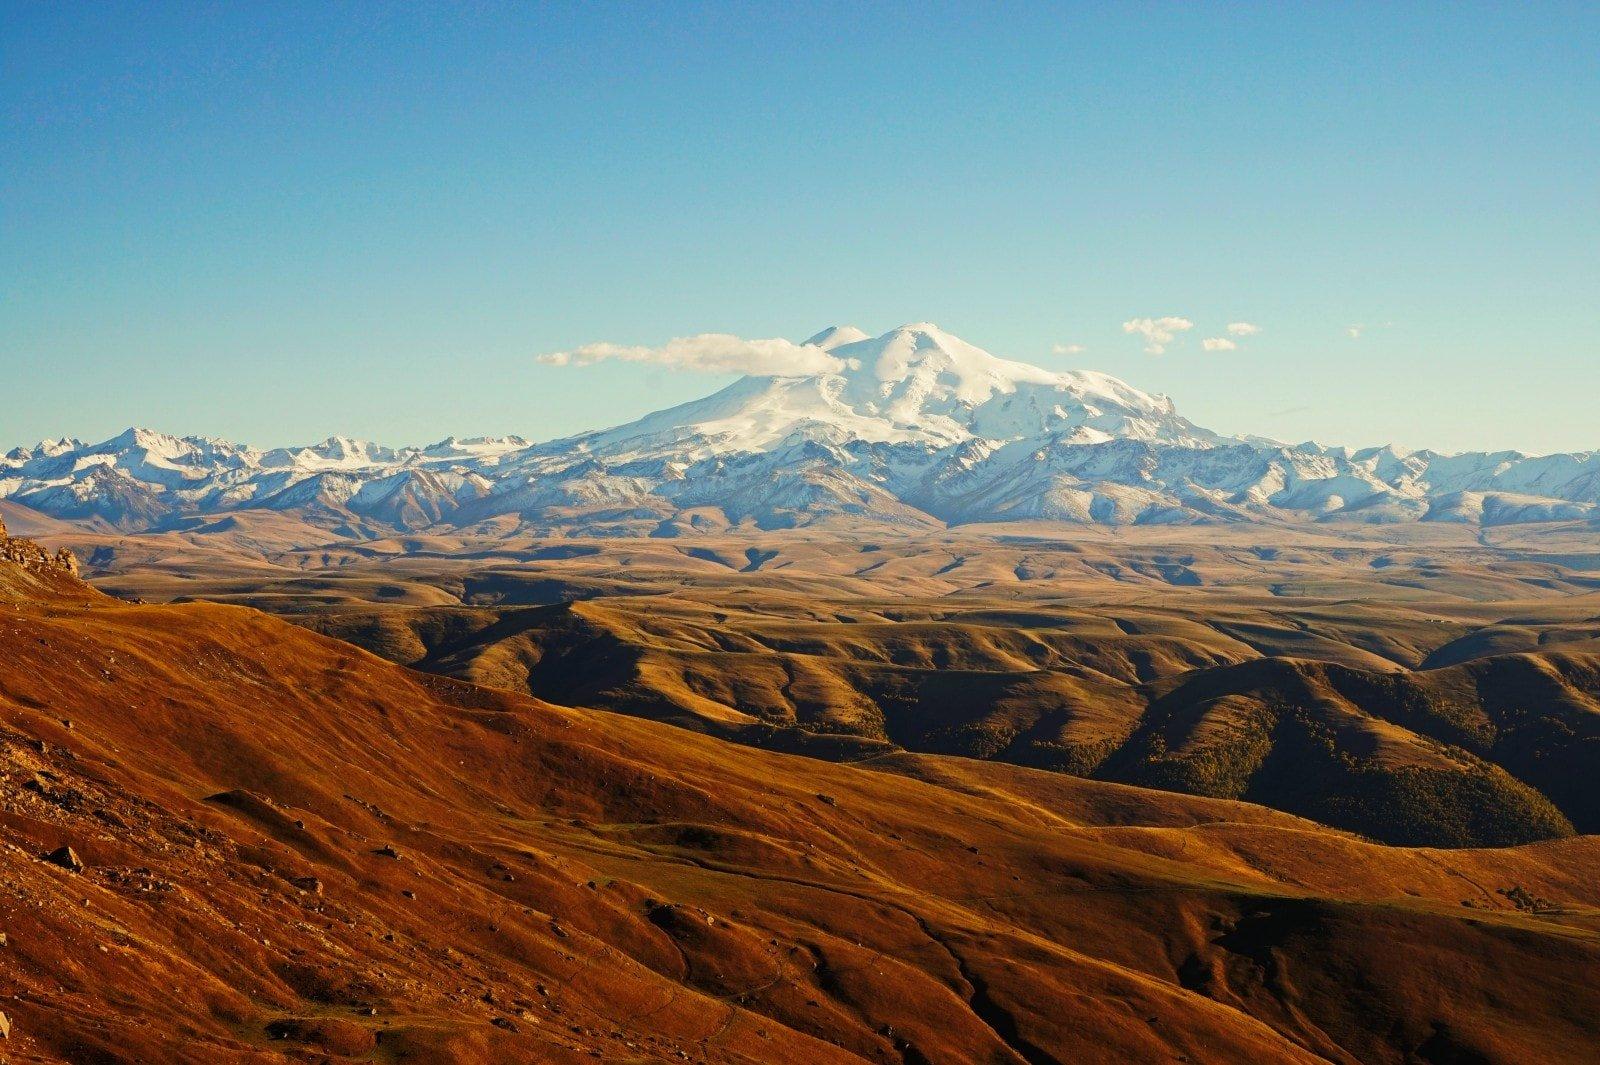 ascent climbing elbrus north side эльбрус с севера восхождение